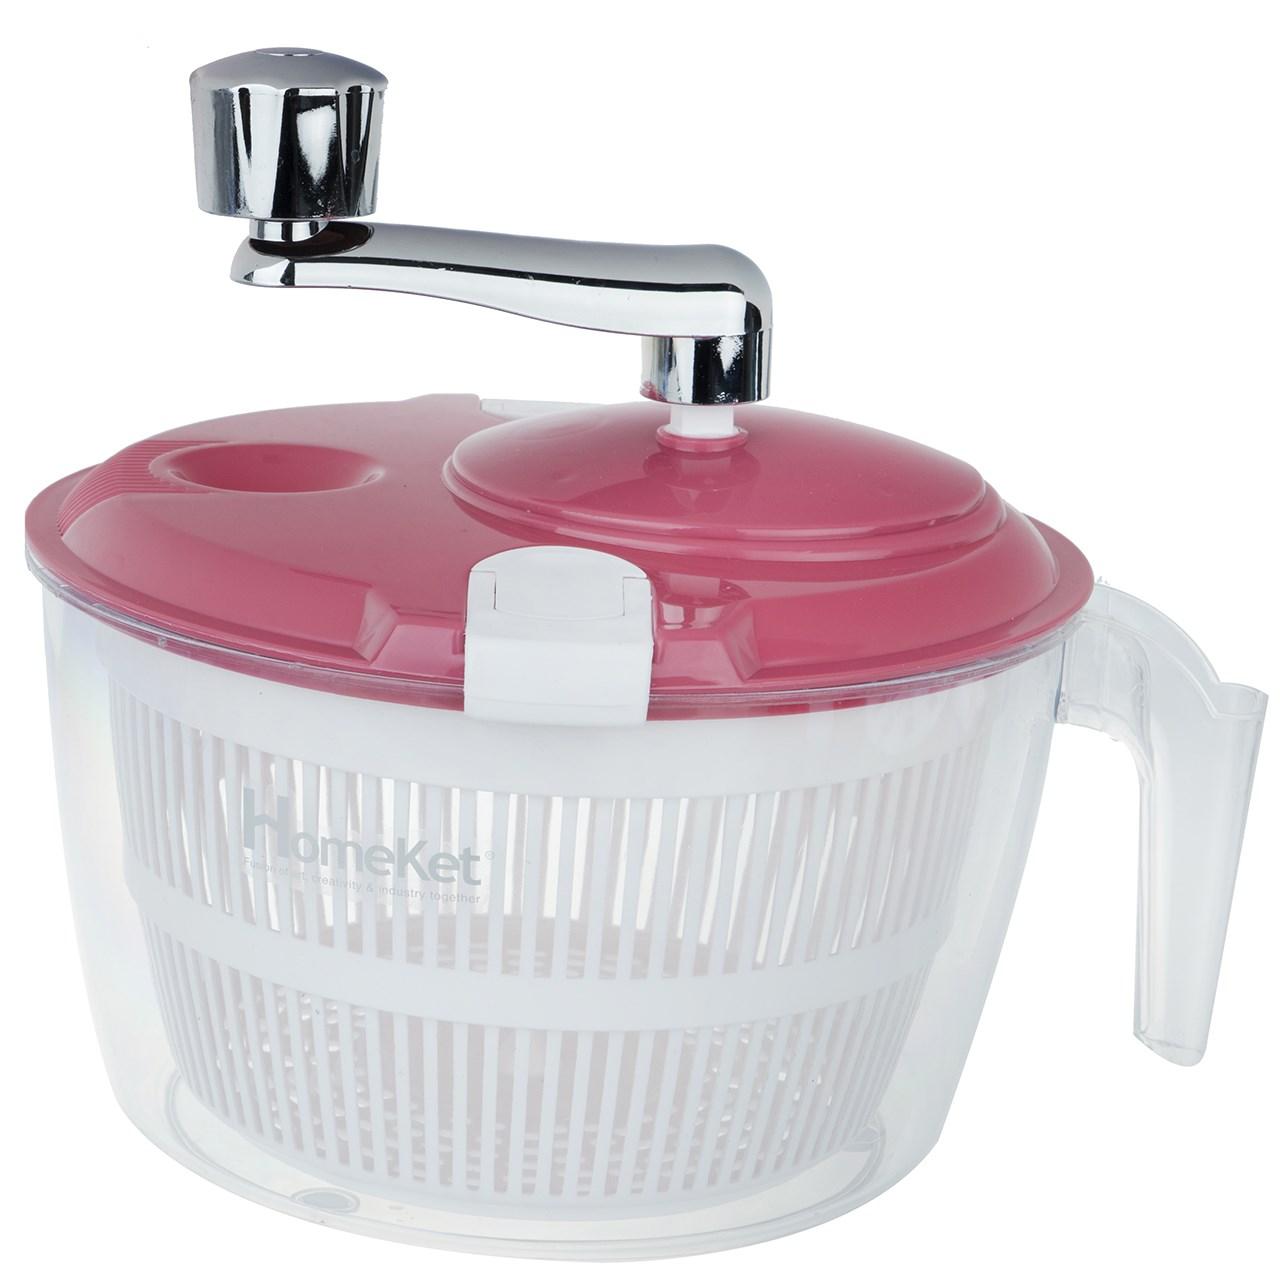 غذاساز دستی هوم کت کد 3772